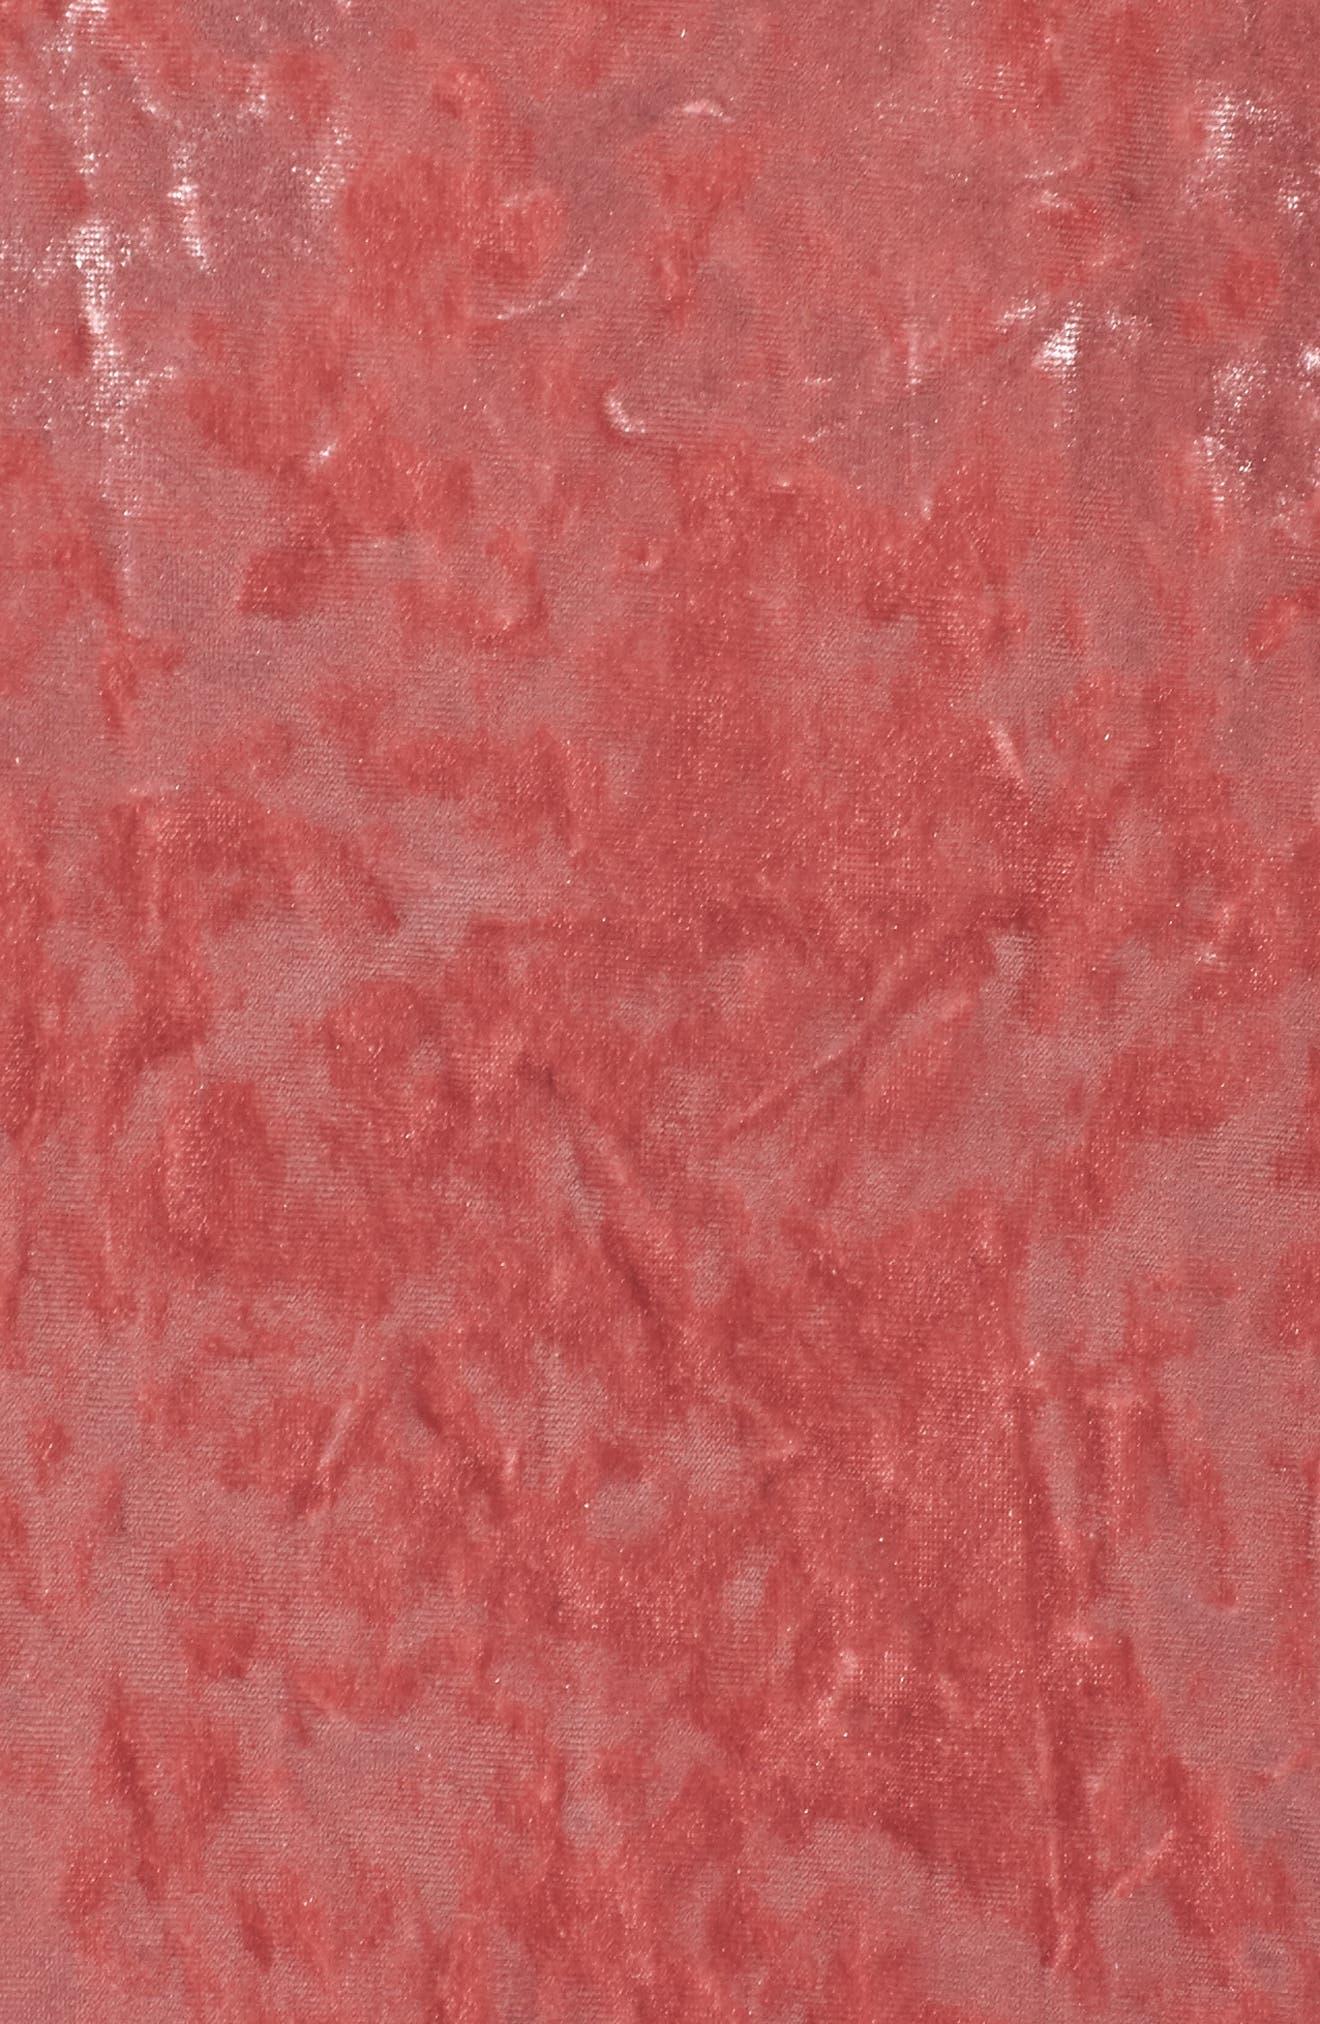 Velvet Midi Dress,                             Alternate thumbnail 5, color,                             ICE PINK